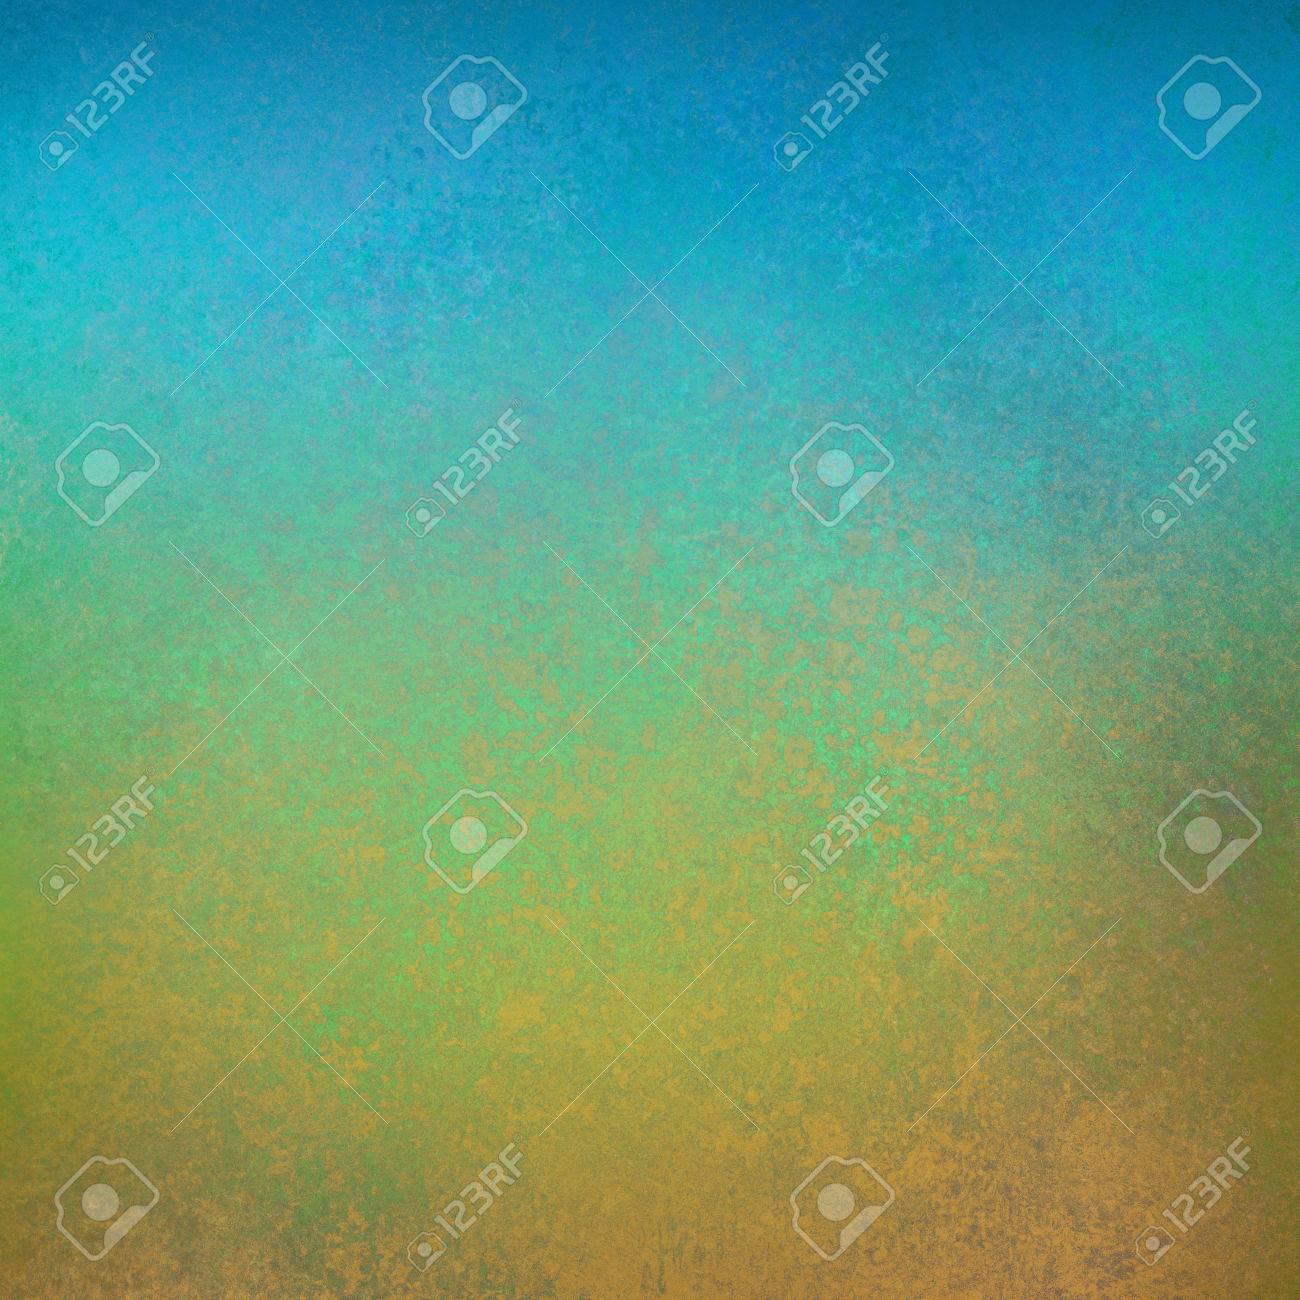 Hellen Himmel Blau, Grün Und Gold Hintergrund Mit Distressed Textur ...